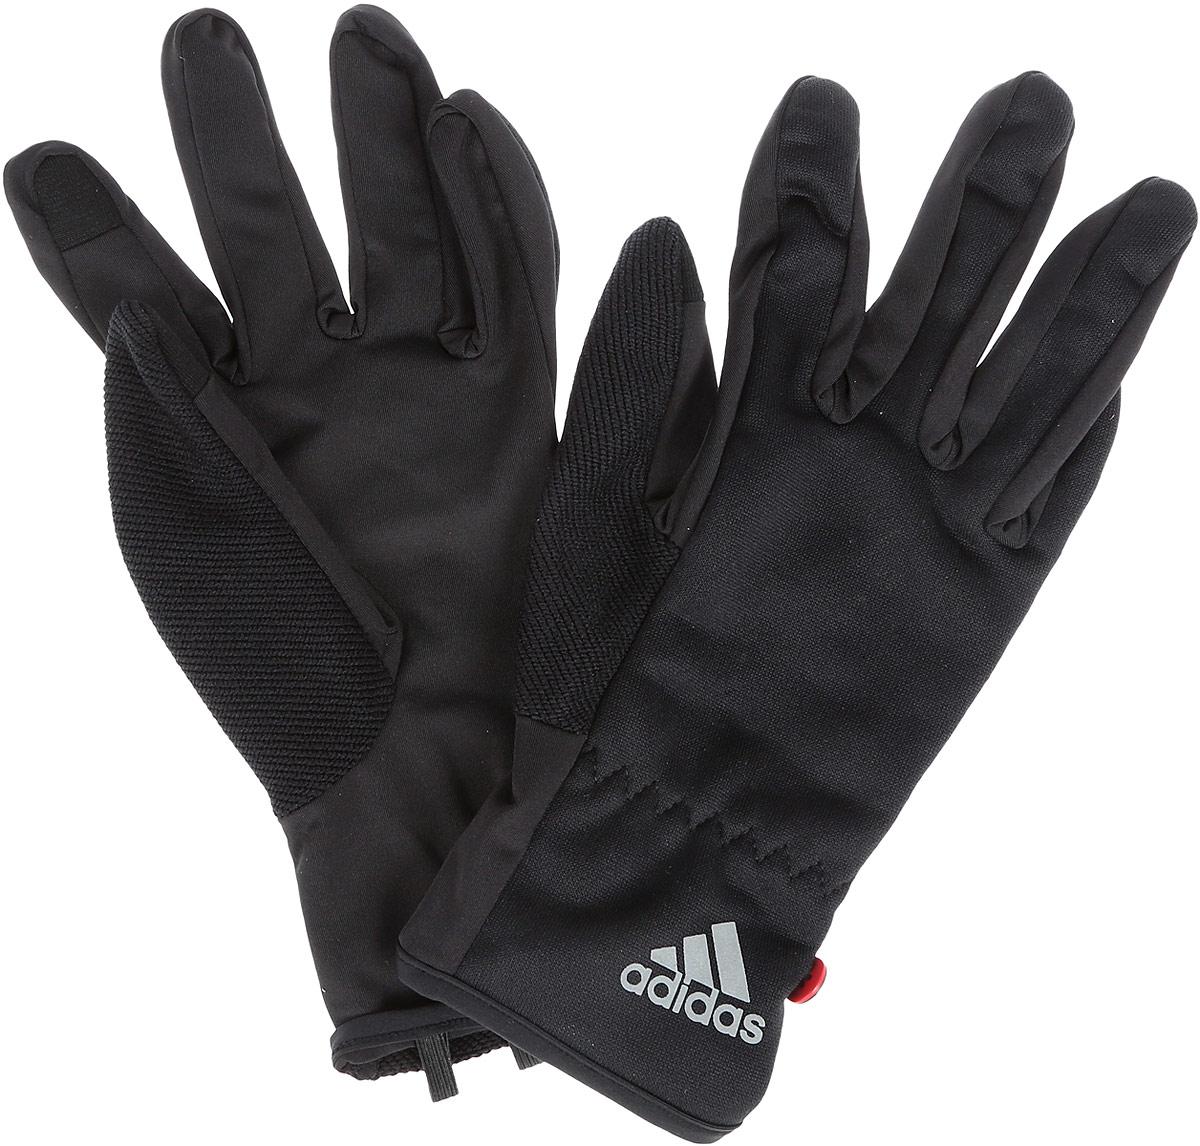 Перчатки для бега adidas Run Clmlt Glove, цвет: черный. S94173. Размер XL (24)S94173Мягкие и легкие перчатки Adidas Run Clmlt Glove защитят вас от холода и непогоды во время интенсивной тренировки. Технология Сlimalite способствуетбыстрому выведению влаги с поверхности тела. Модель оформлена логотипом бренда.Выделяйтесь из толпы благодаря стильному дизайну перчаток.